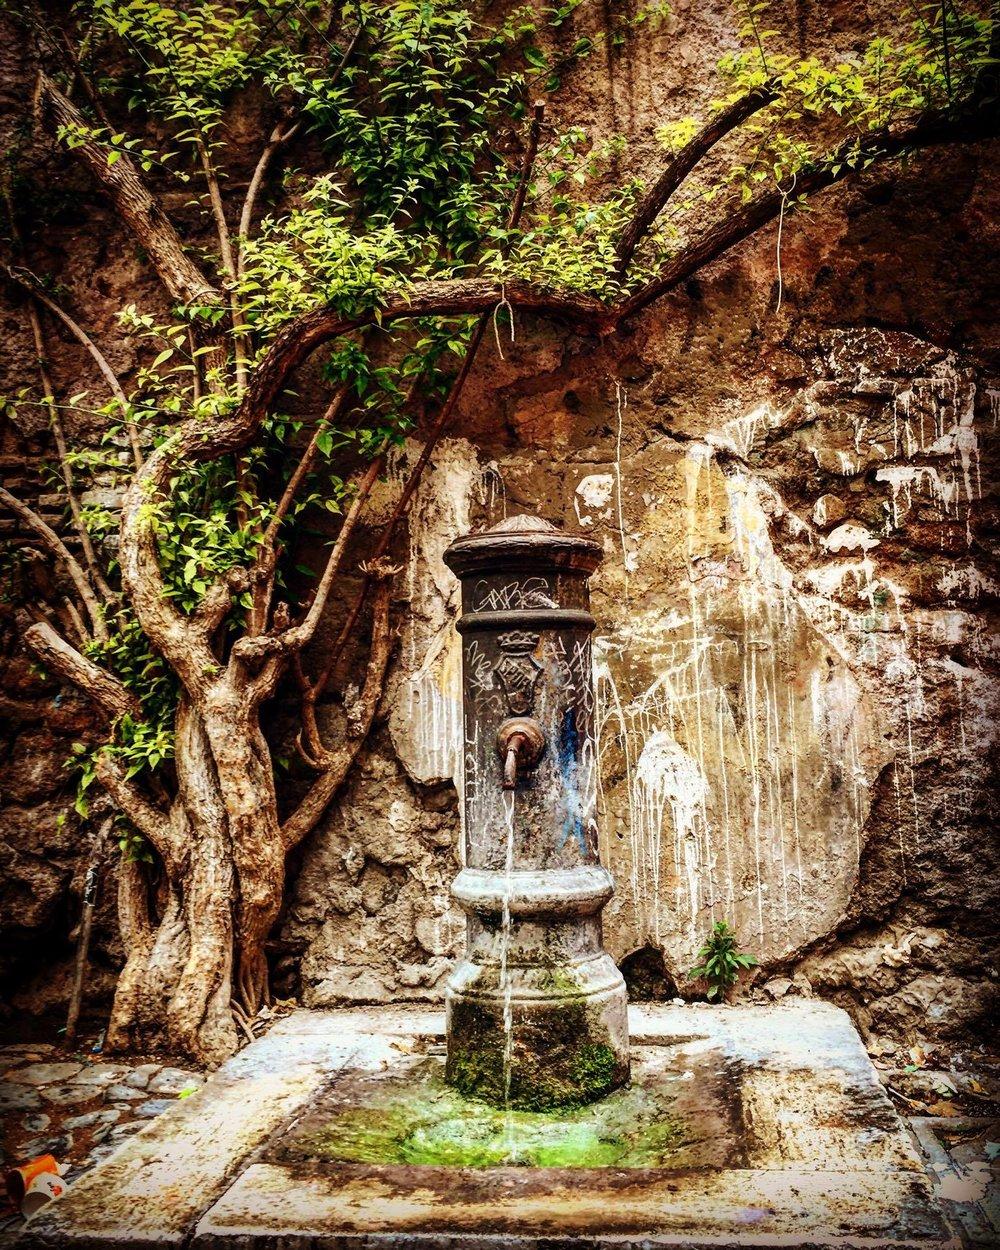 A Roman water fountain, Ph.Credits instagram.com/leonelagaleone